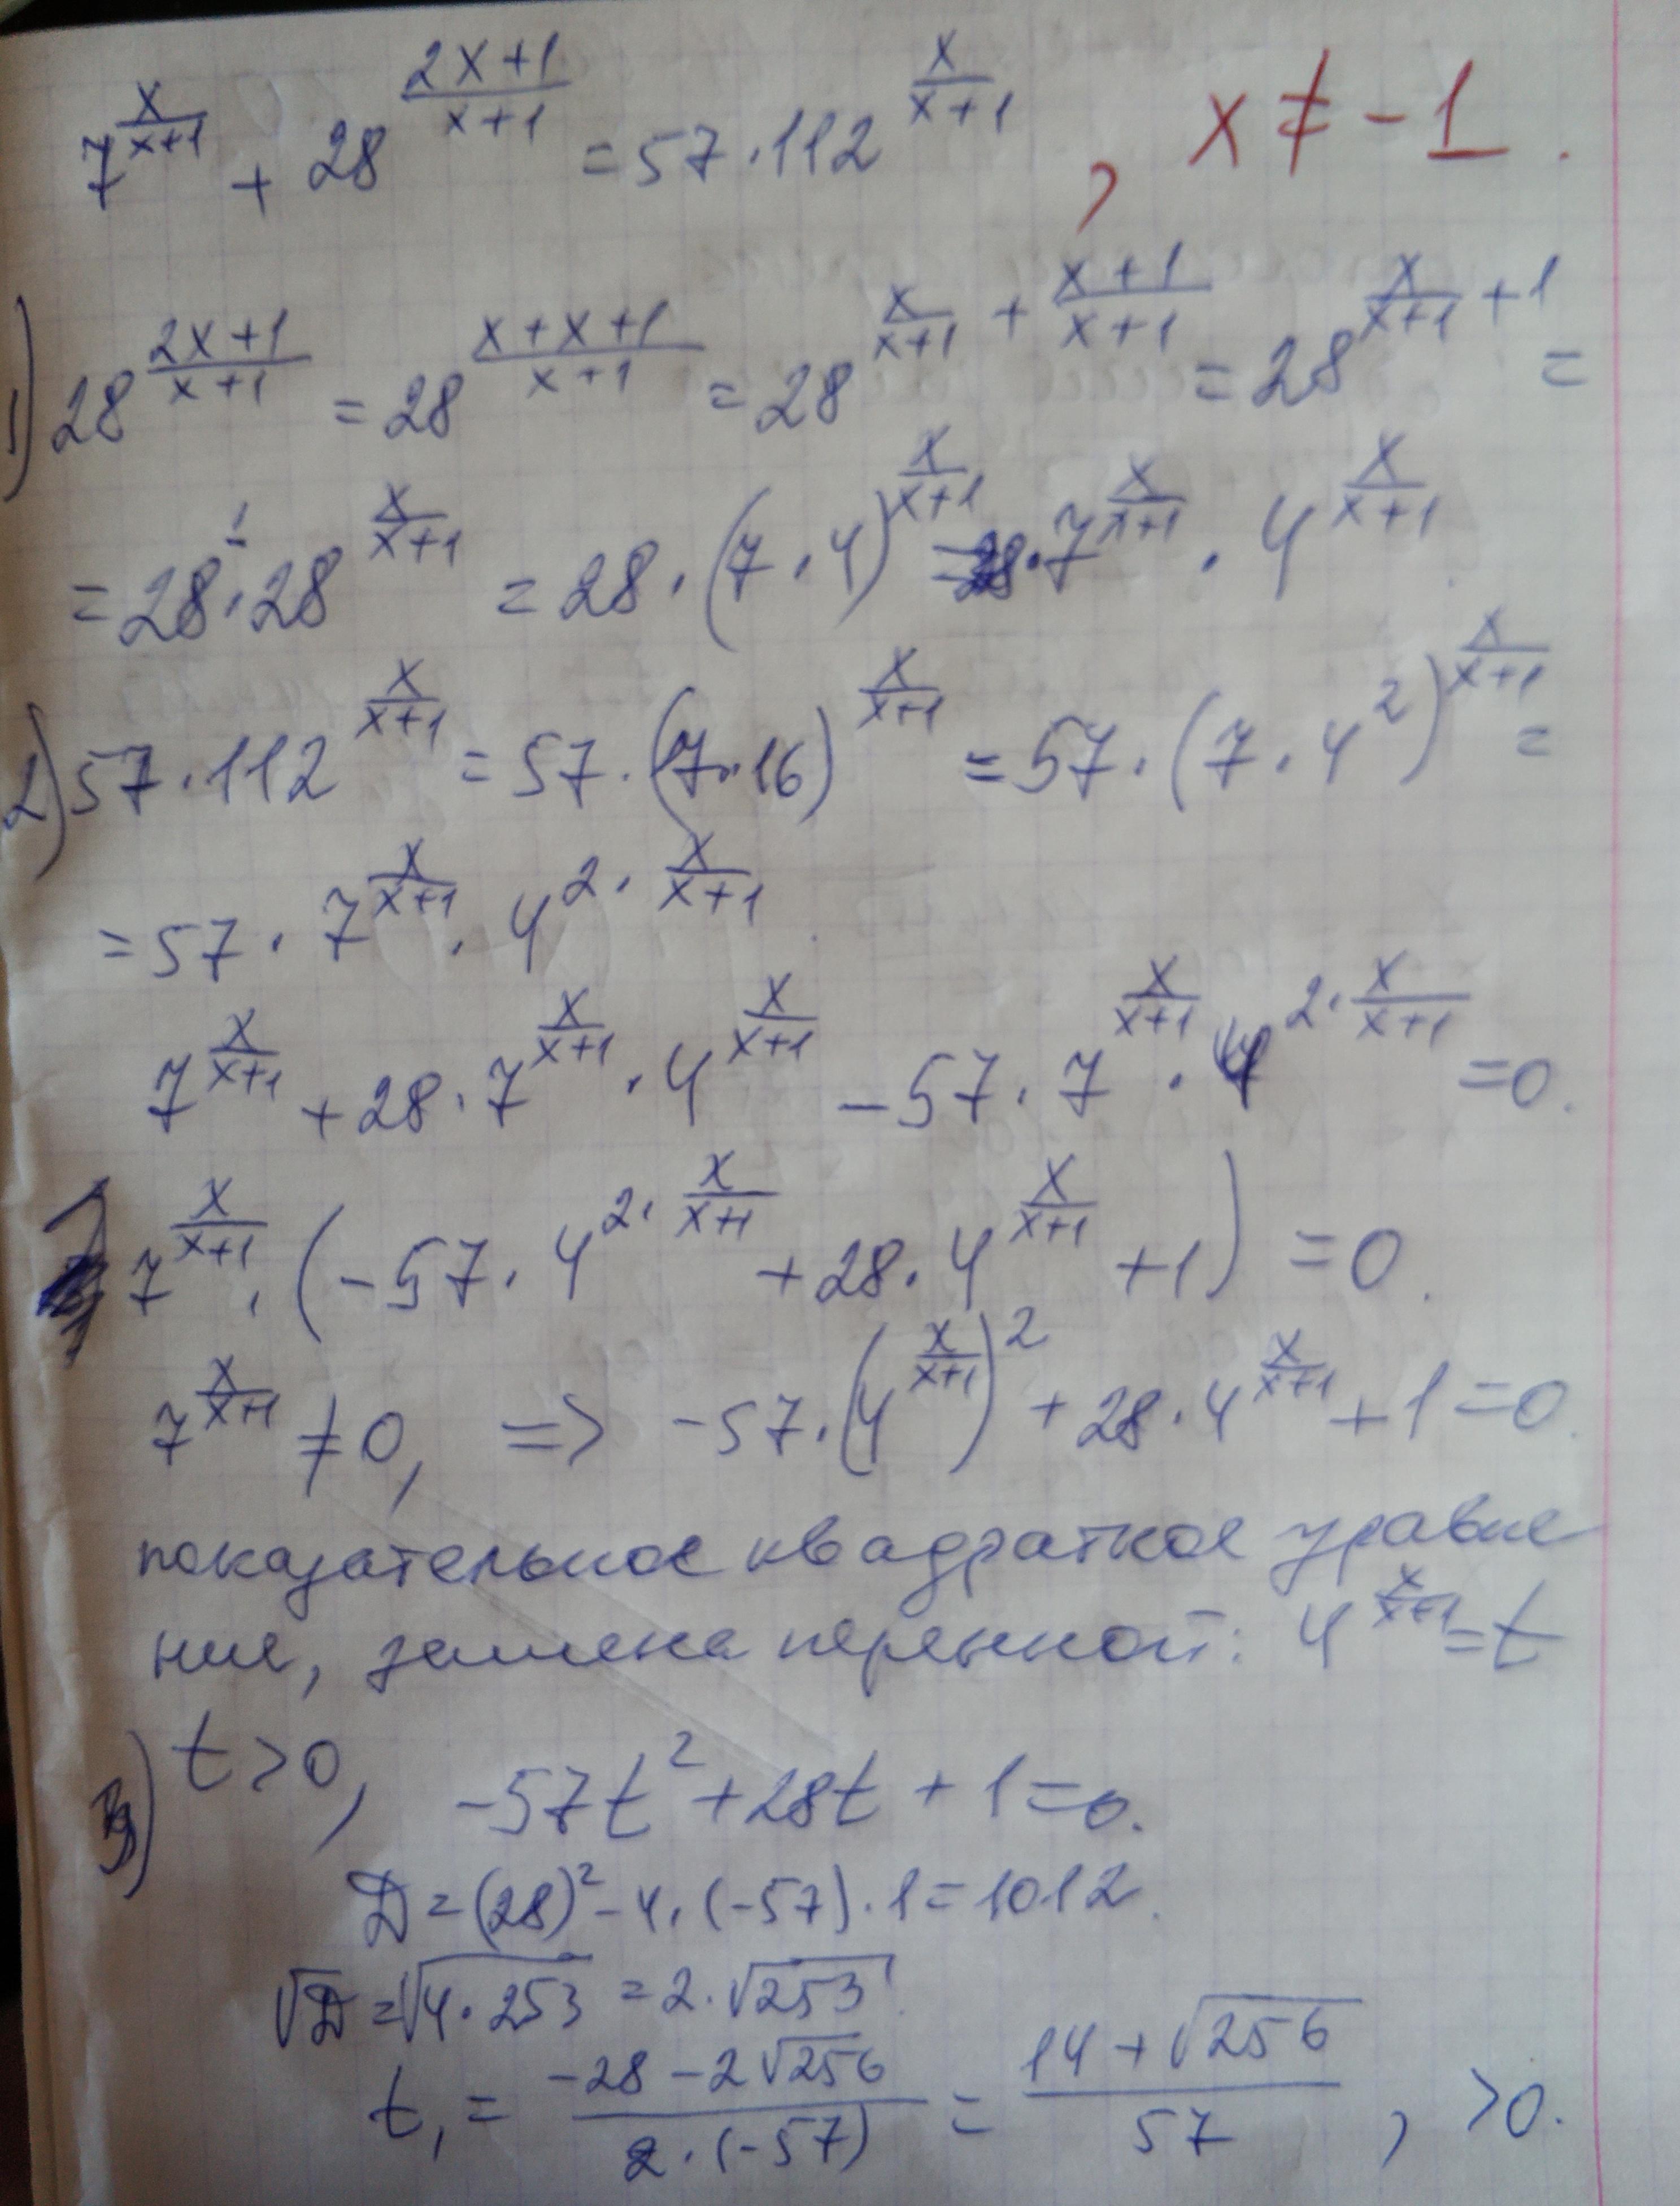 7^(x/x+1)+28^(2x+1/x+1)=57*112^(x/x+1) Помогите